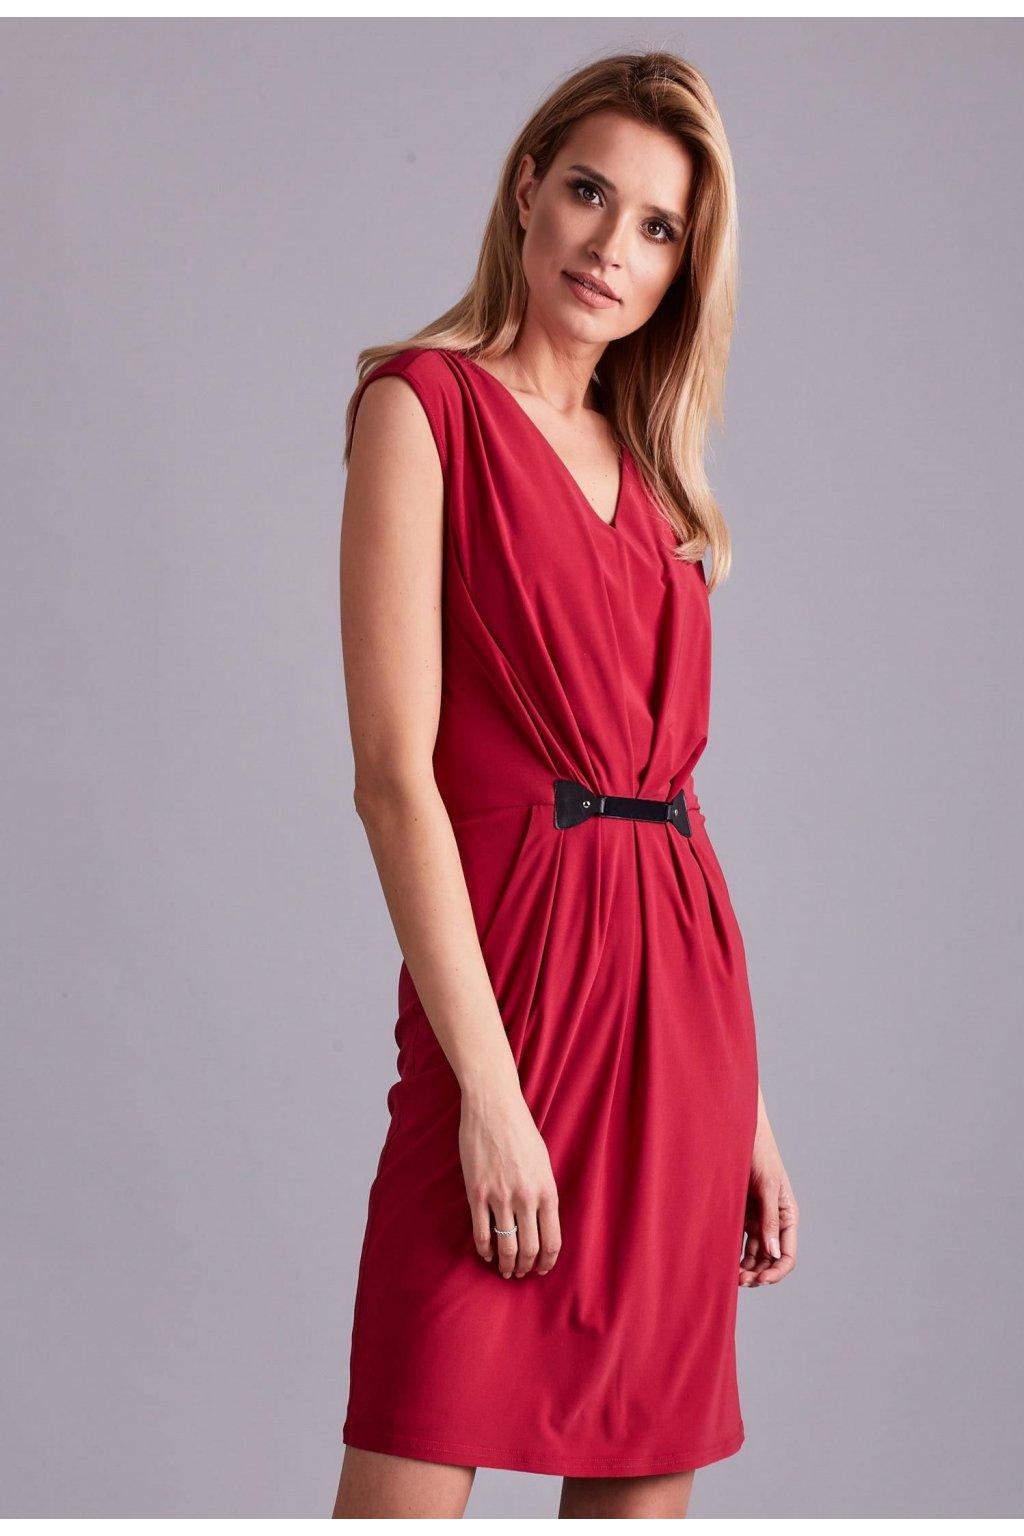 Ružové dámske spoločenské šaty